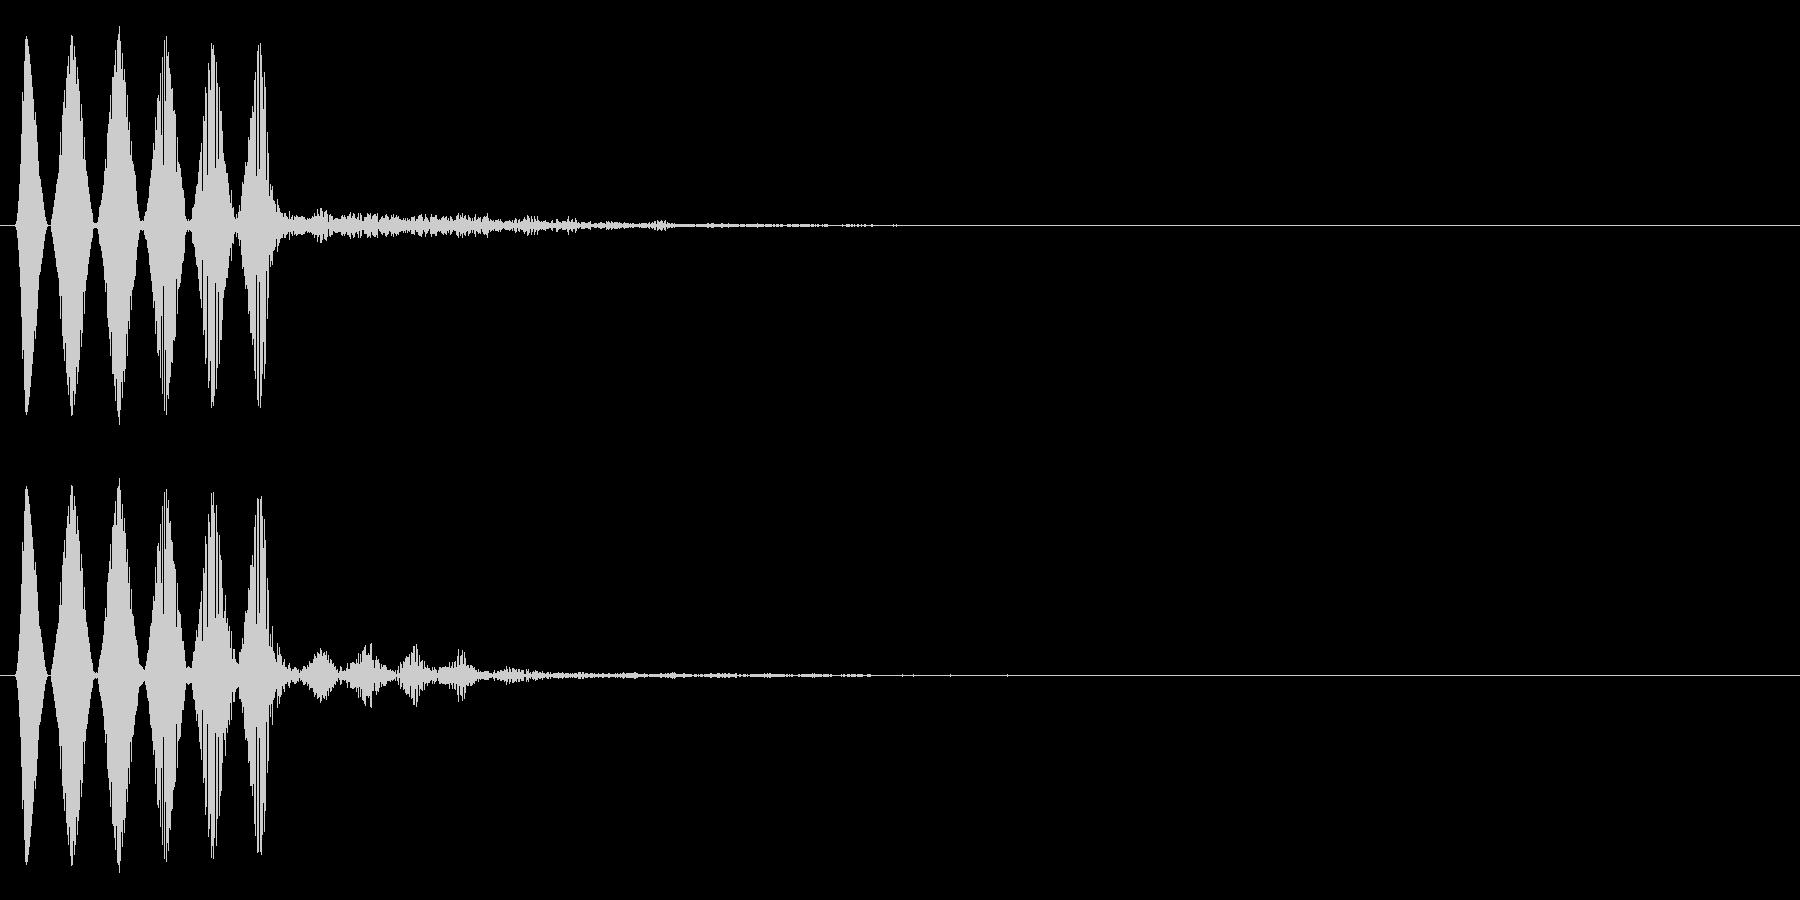 システム停止・閉じる・キャンセル_04の未再生の波形